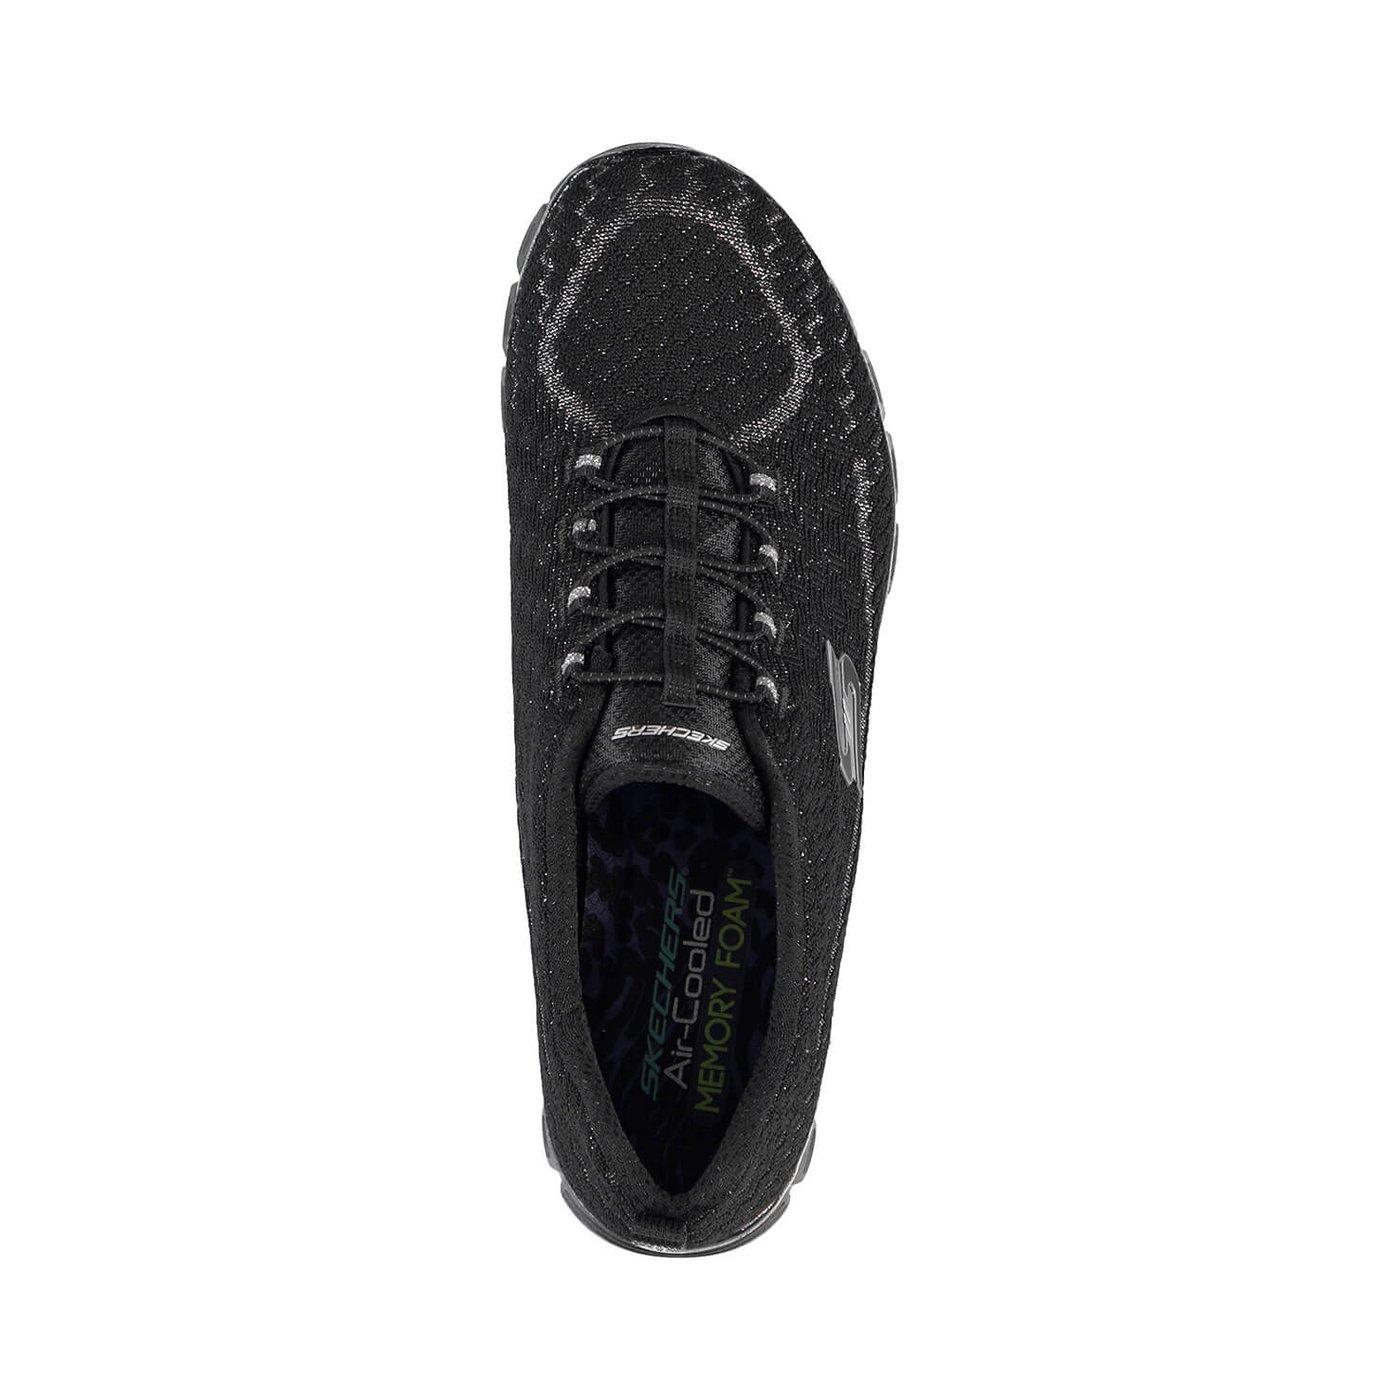 Skechers Ez Flex 3.0 - Estrella Kadın Siyah Sneaker